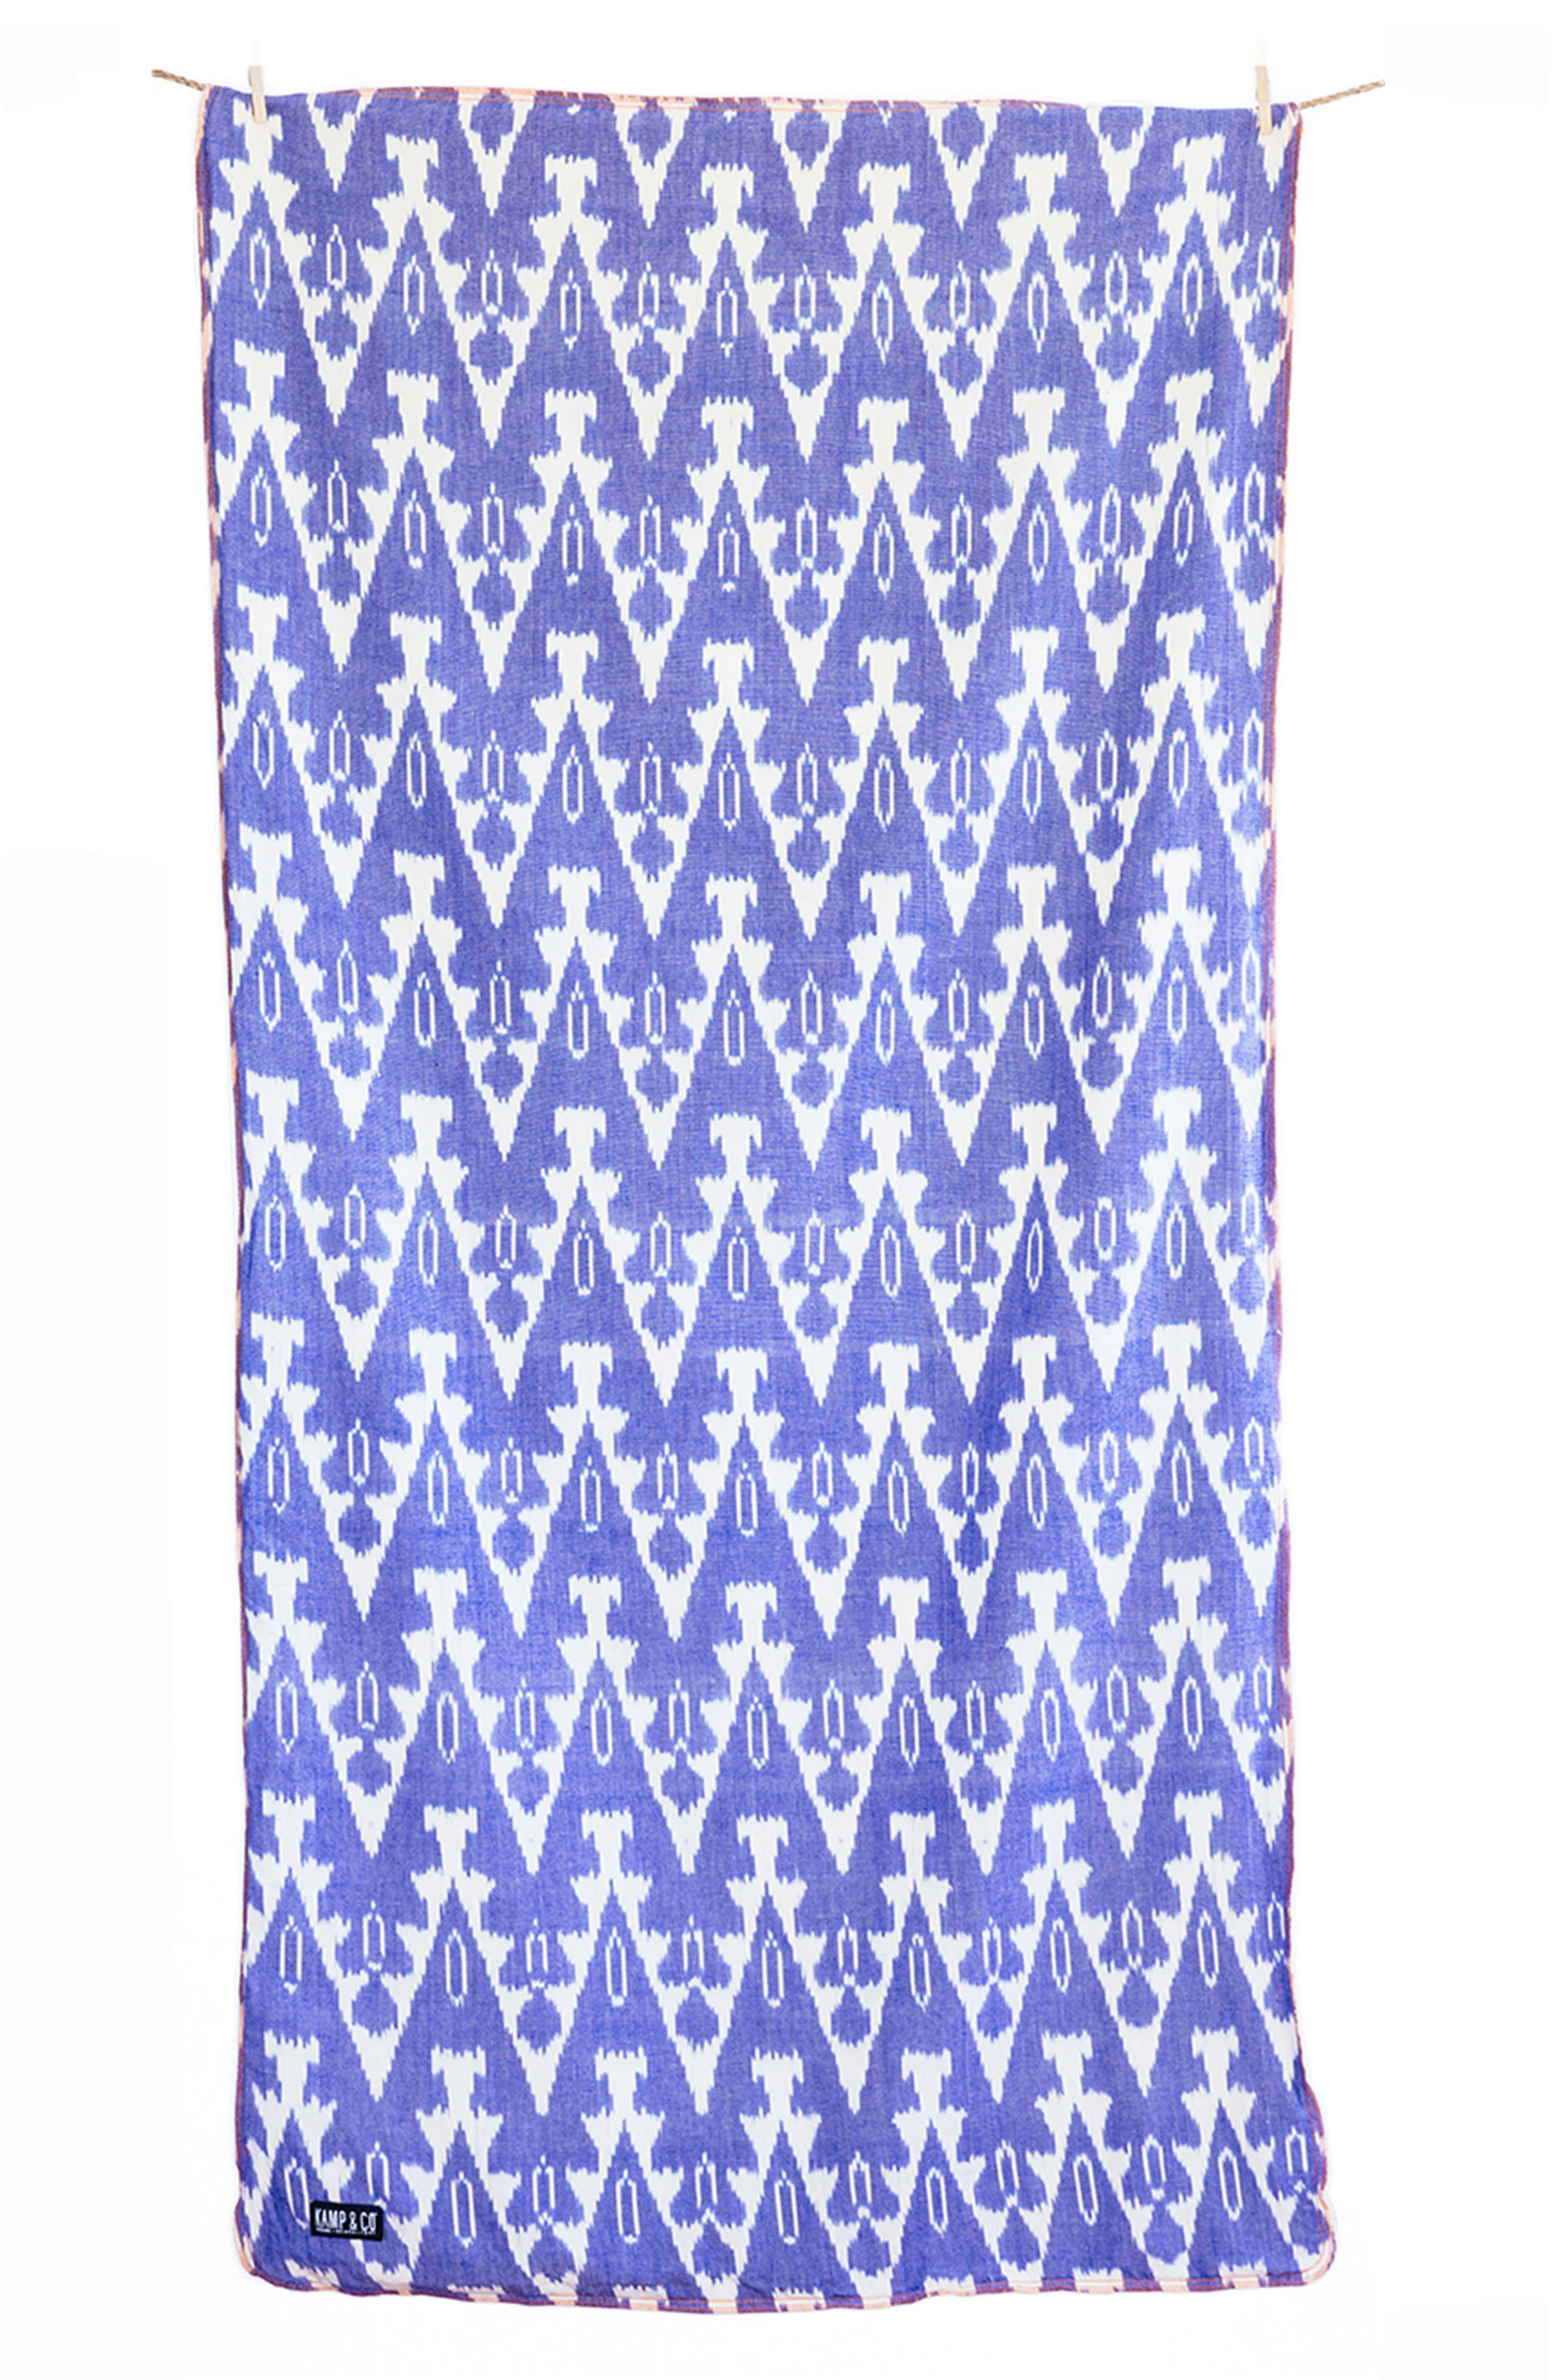 Alternate Image 1 Selected - Kamp & Co. Torrey Kamp Towel